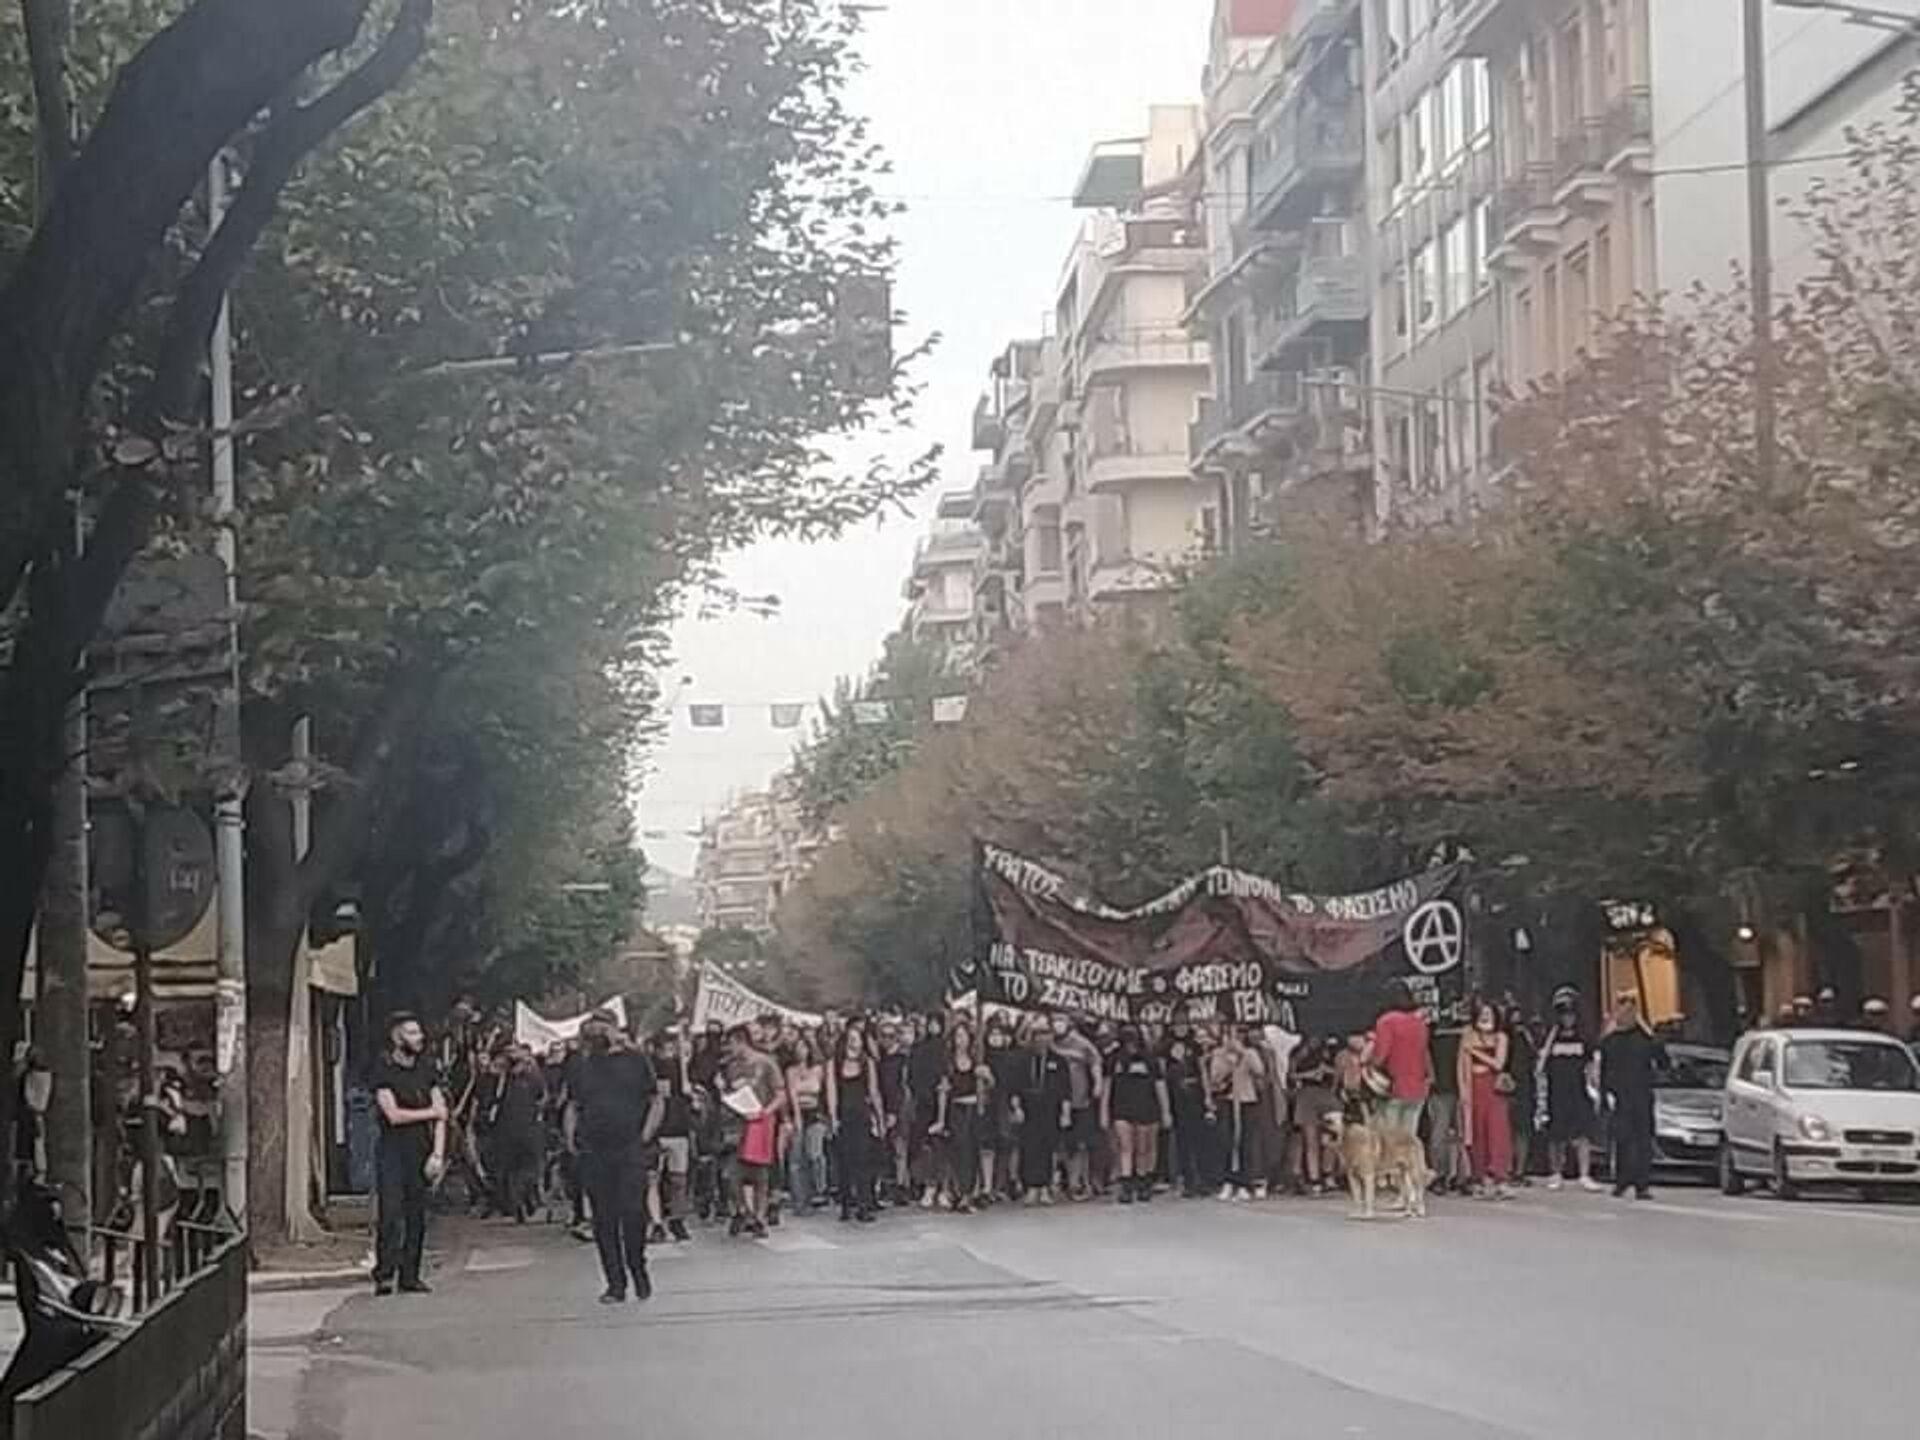 Διαδηλωτές στην πορεία για τον Παύλο Φύσσα στη Θεσσαλονίκη - Sputnik Ελλάδα, 1920, 18.09.2021